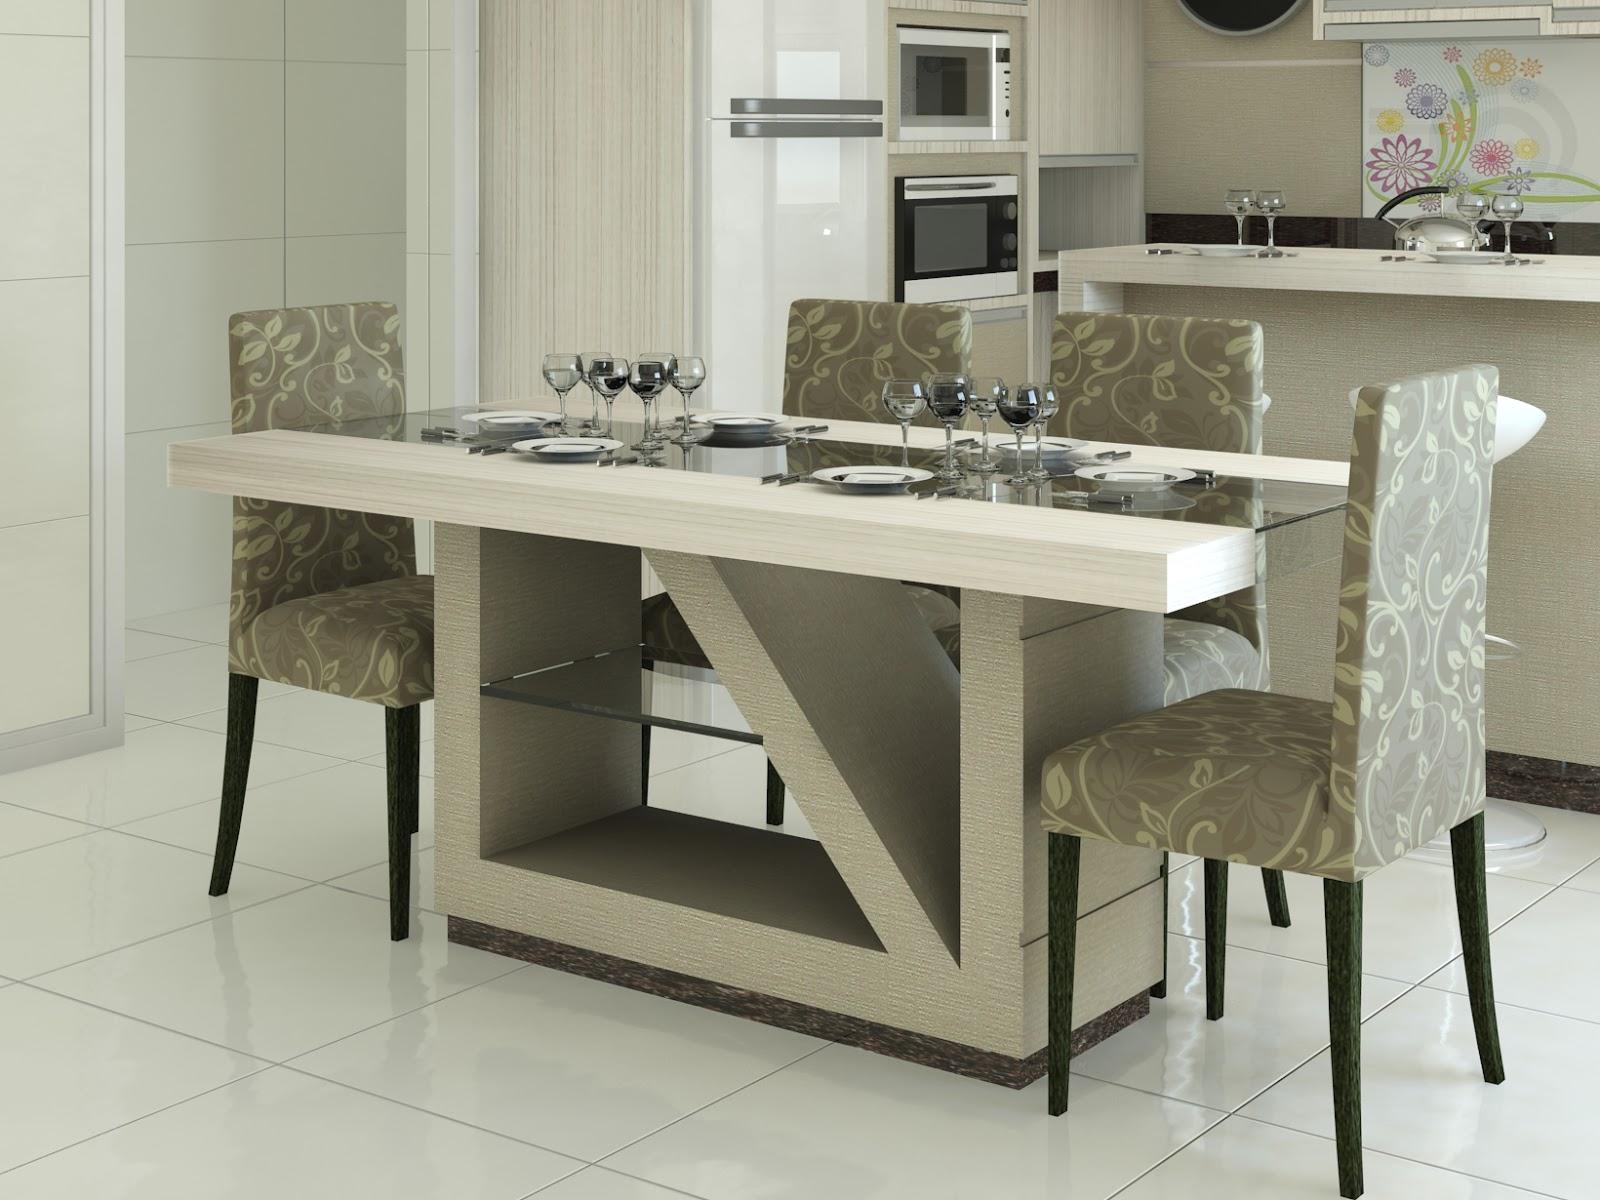 solução para o seu espaço.: Mesa com 6 cadeiras e detalhe em vidro #585340 1600 1200